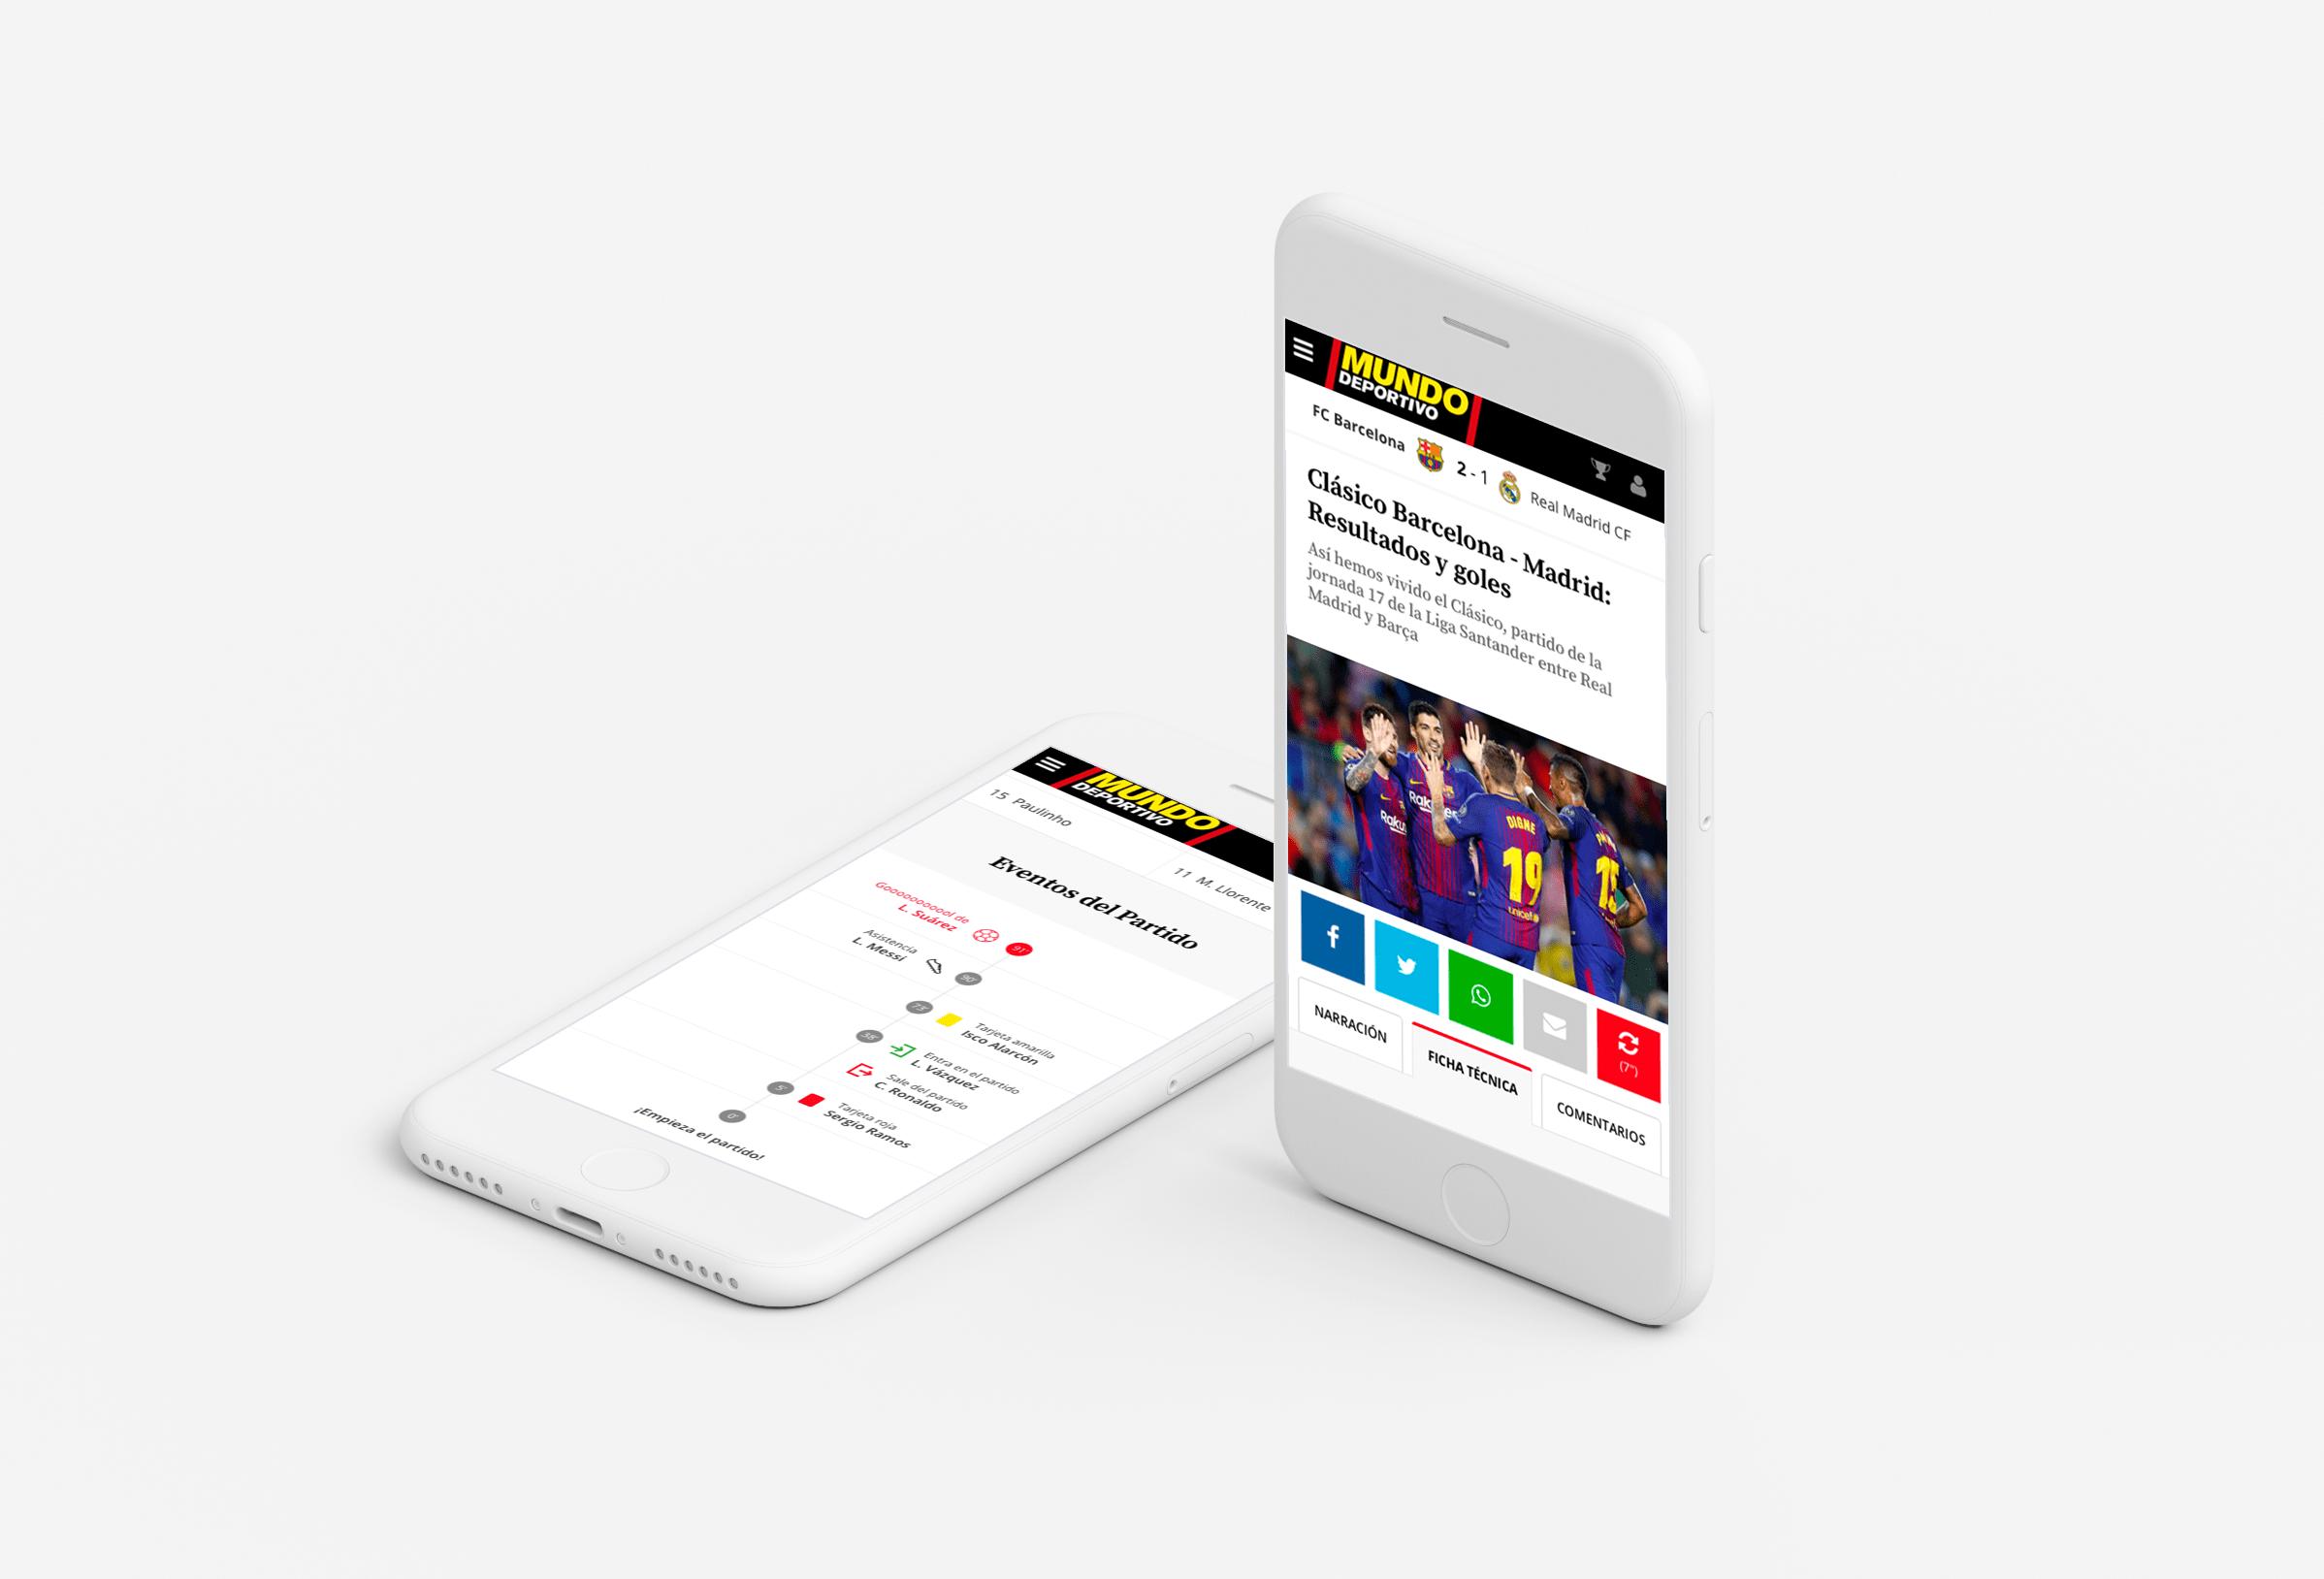 Versión móvil de los resultados de Mundo Deportivo por Eunoia